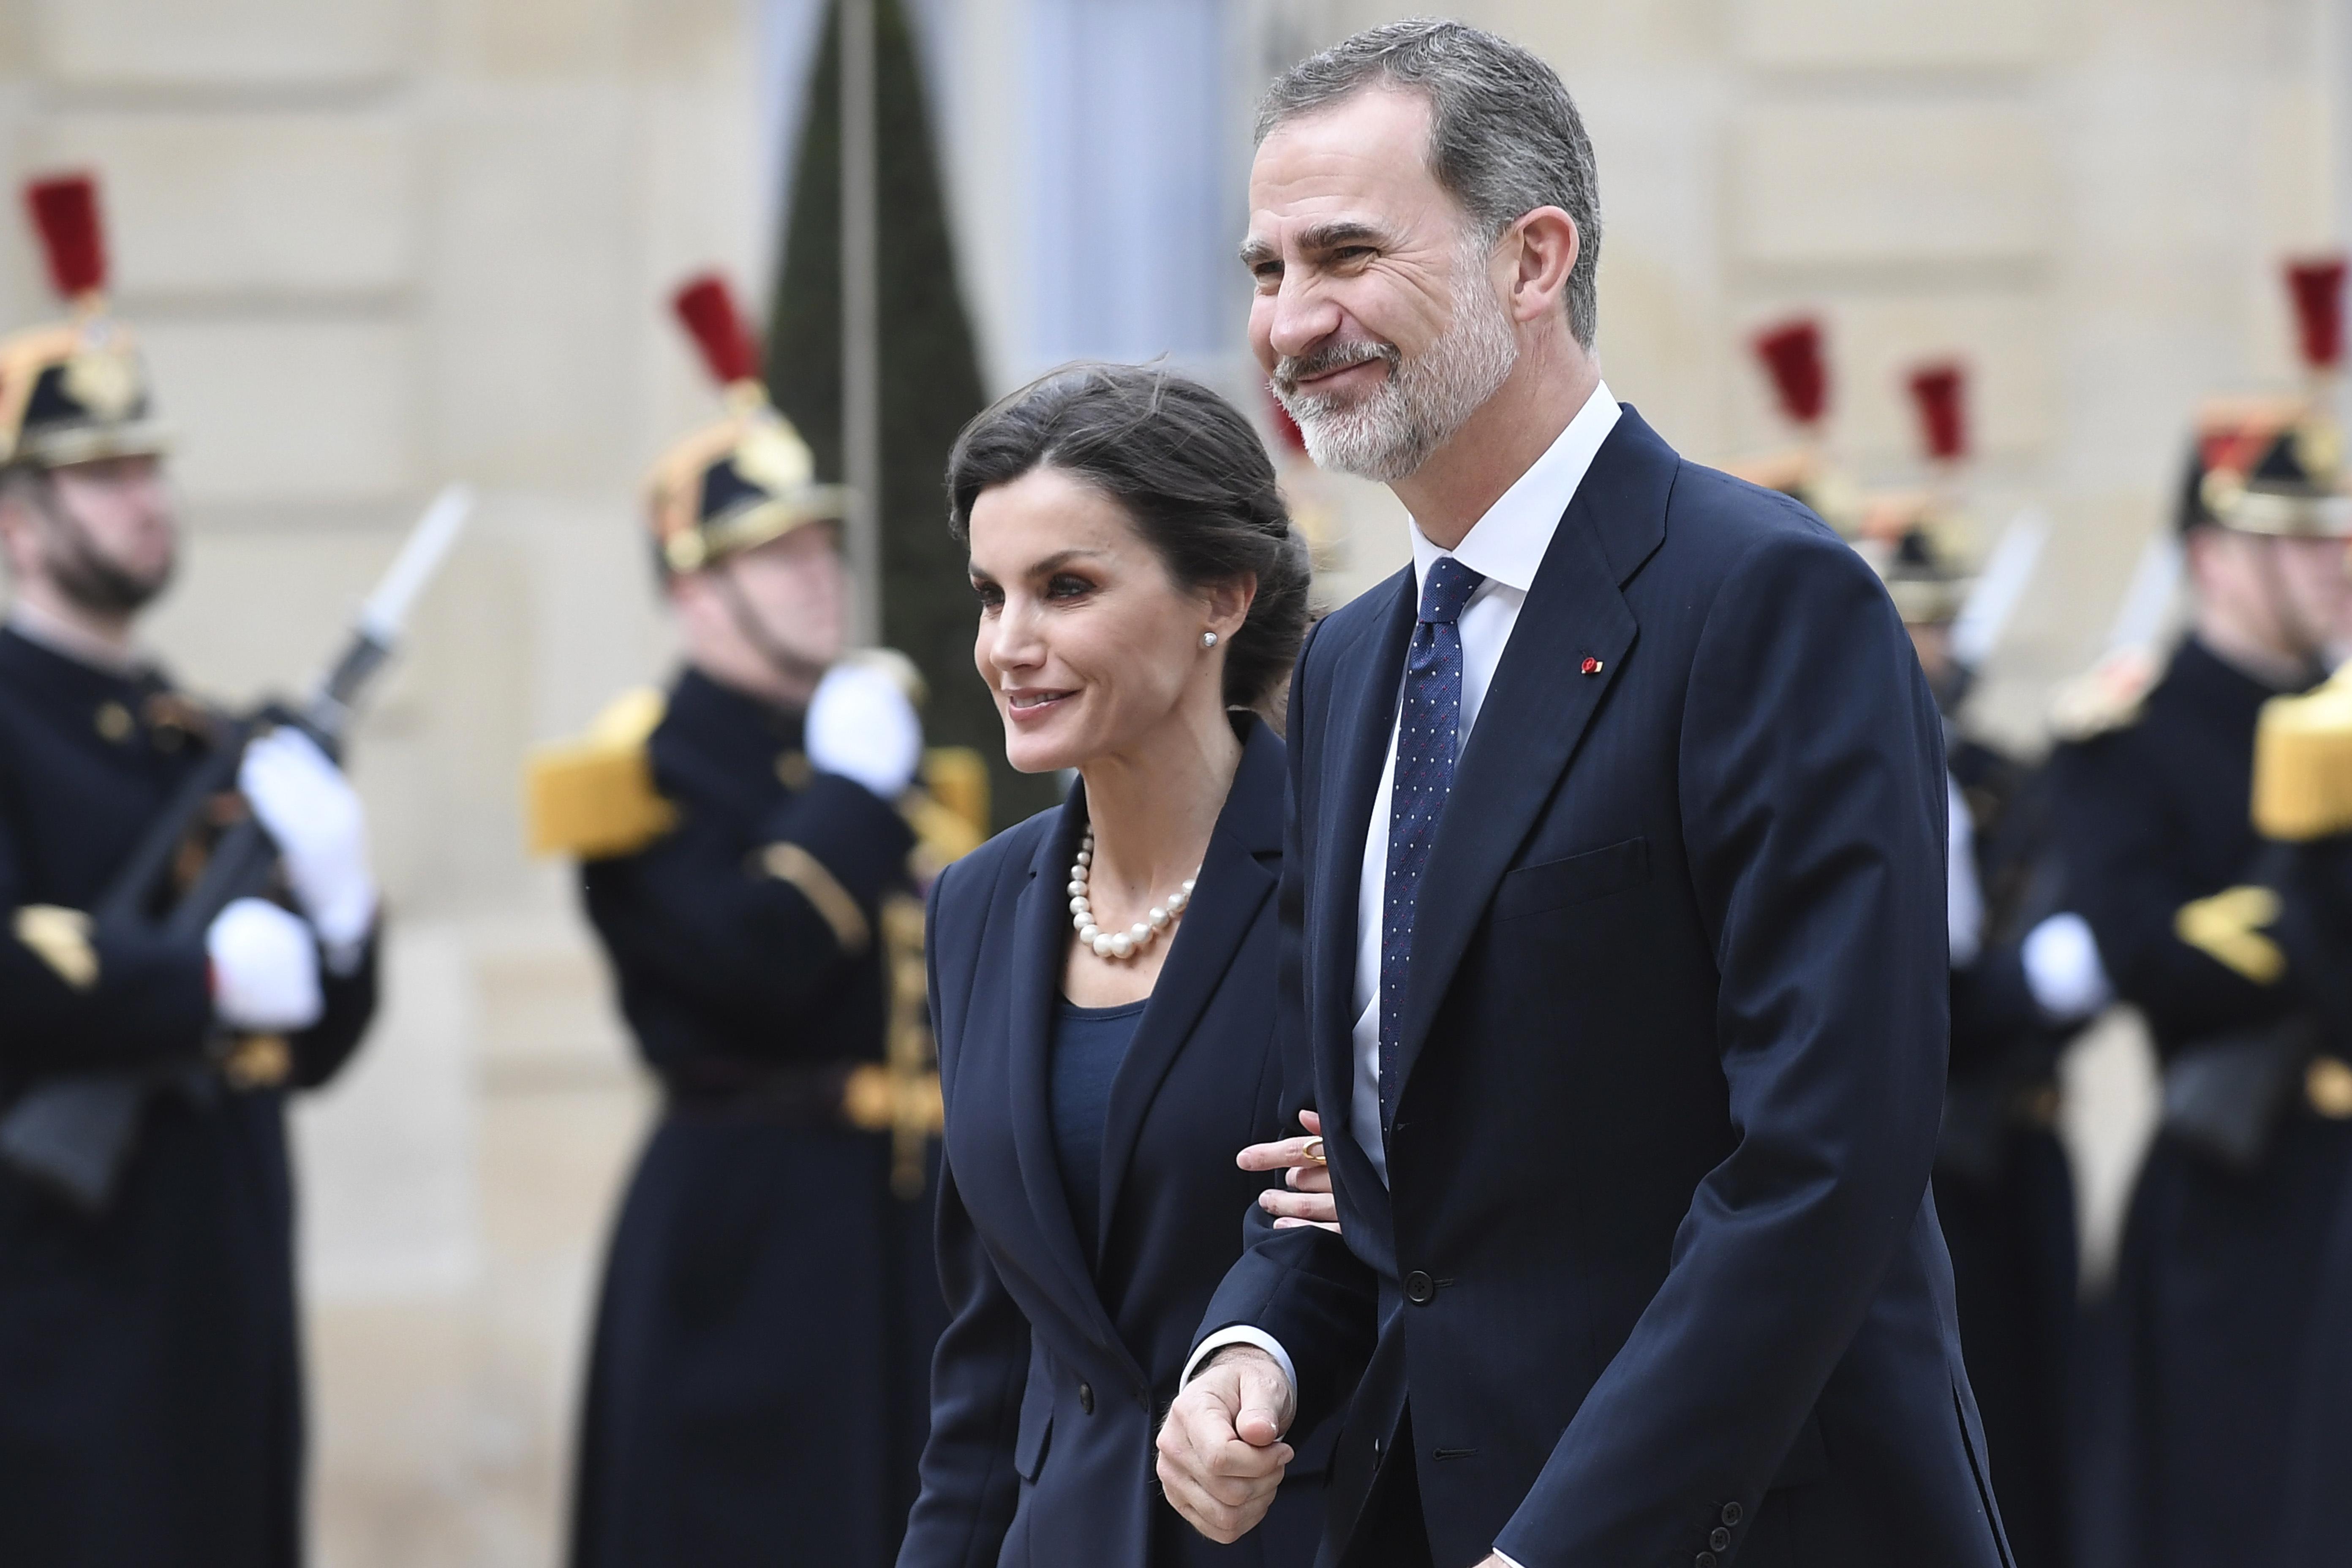 <p>Испанският крал Фелипе VI&nbsp;бе гост&nbsp;на френския президент Еманюел Макрон за първия Национален ден в памет на жертвите на тероризма във Франция. На церемония на площад Трокадеро в Париж Макрон отдаде почит на загиналите при терористични атаки.</p>